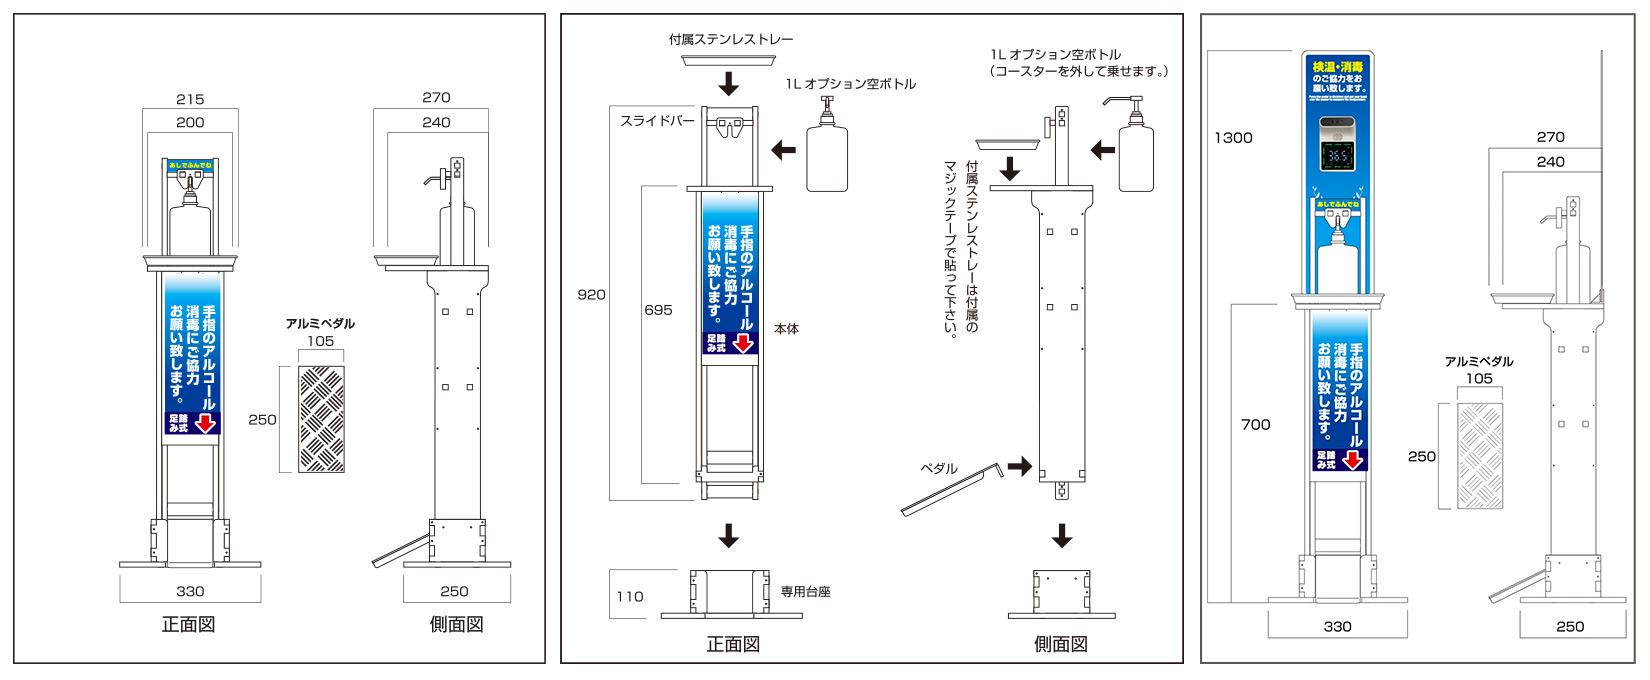 アルコールディスペンサー700 PRO-S 仕様図